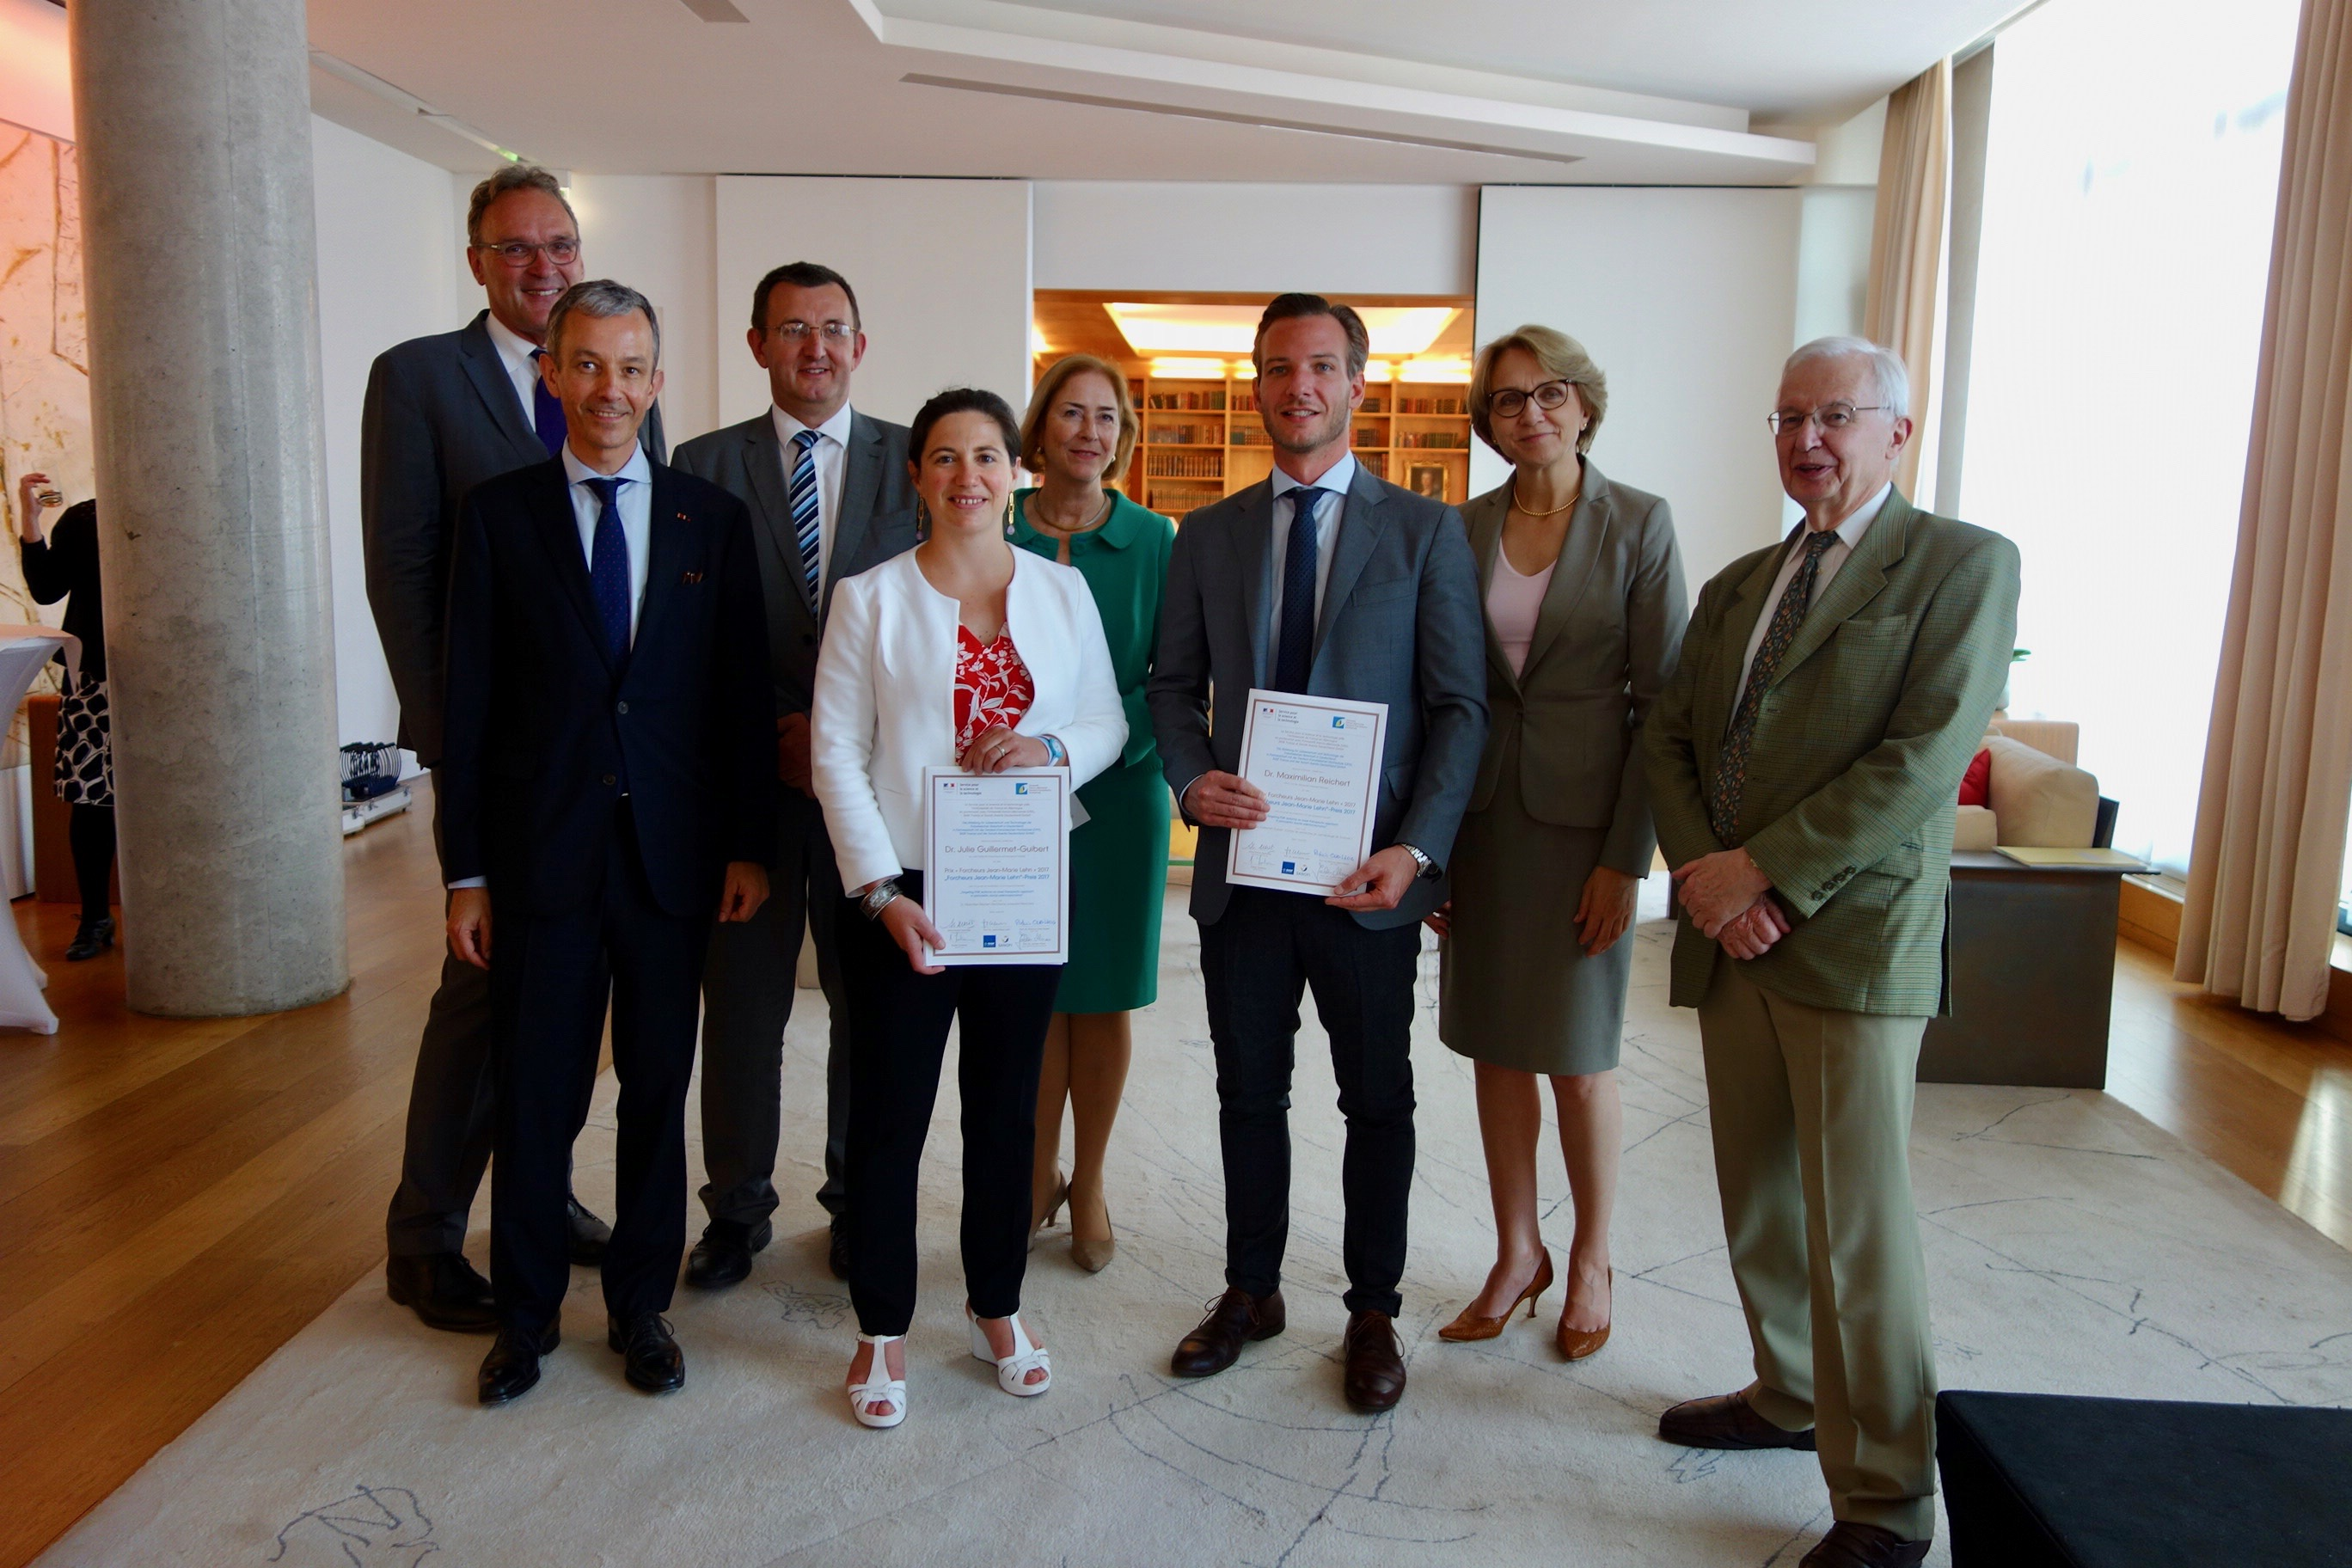 l'appel à candidatures 2020 : Prix « Forcheur Jean-Marie Lehn » est reporté au 29 juin